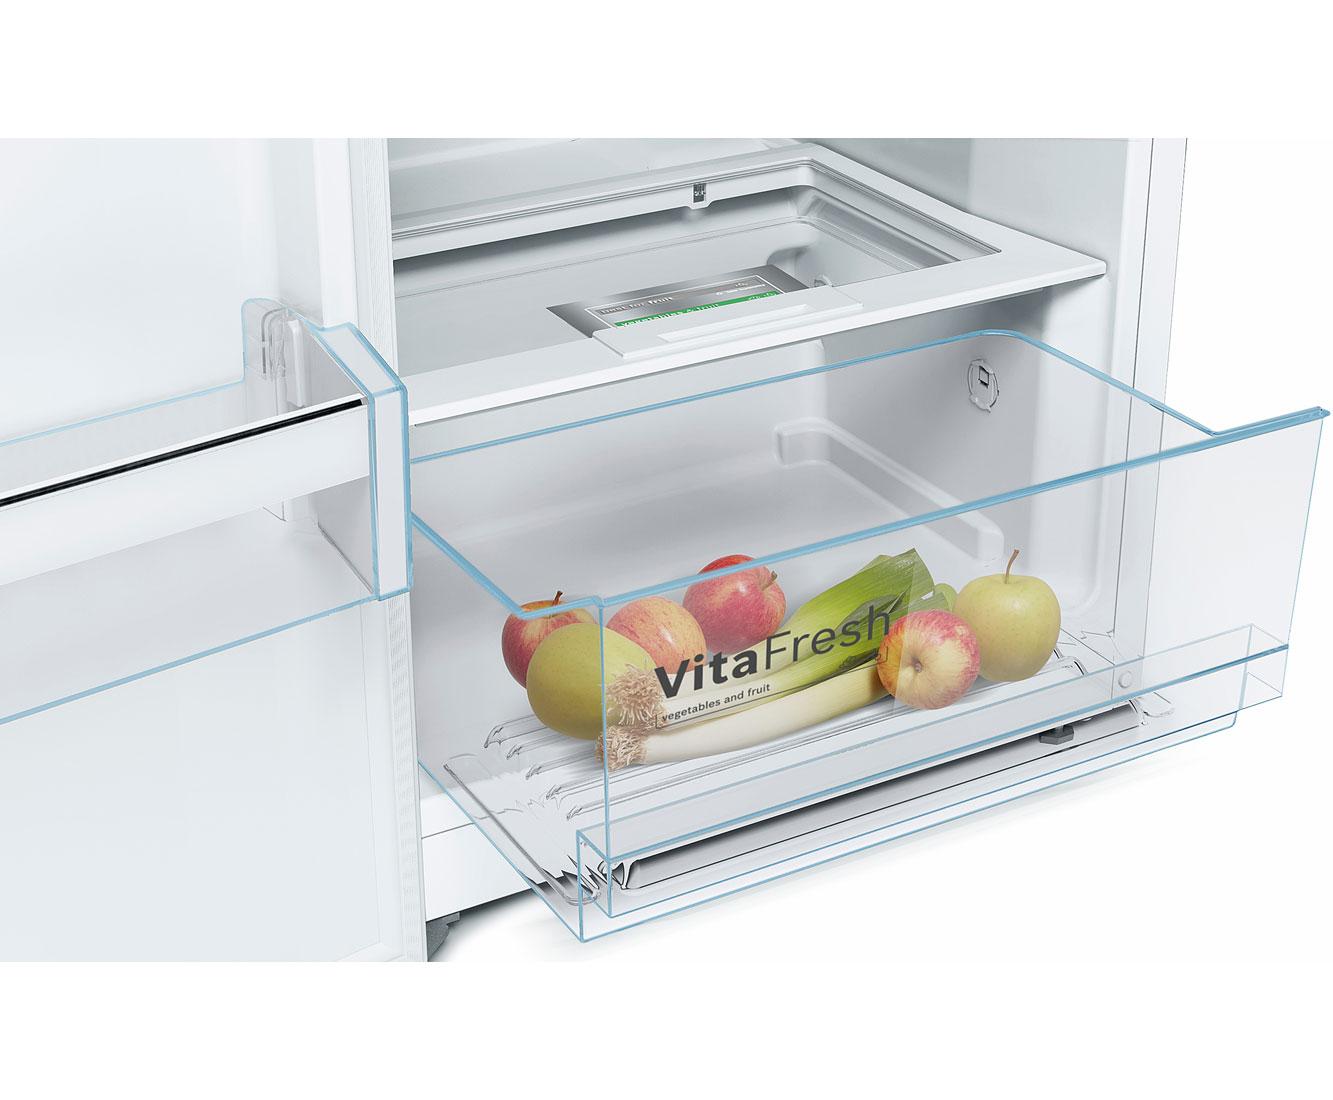 Bosch Kühlschrank Wie Lange Stehen Lassen : Bosch kühlschrank wie lange stehen lassen bosch kir v weiß